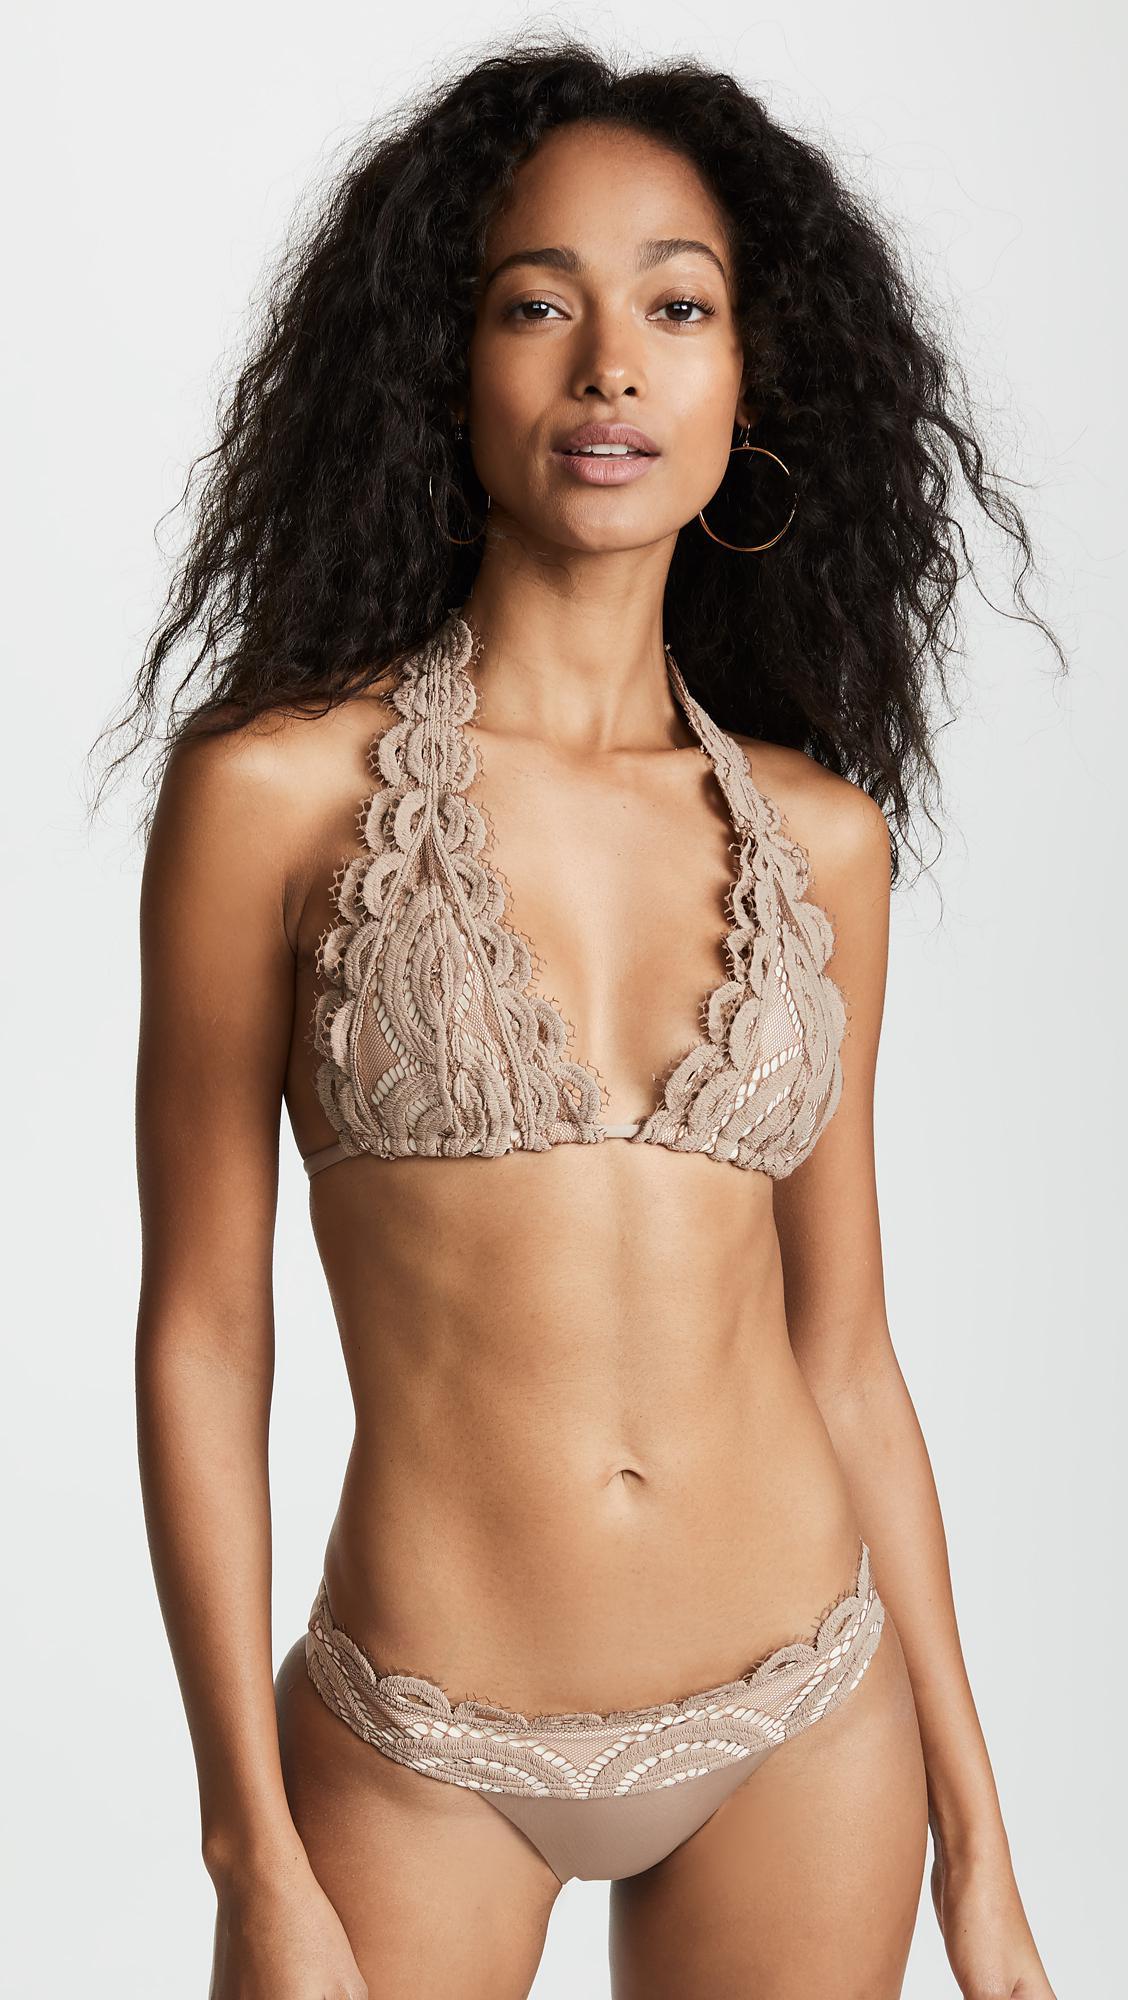 b5a72cee4c53e Pilyq. Women s Sandstone Lace Halter Bikini Top